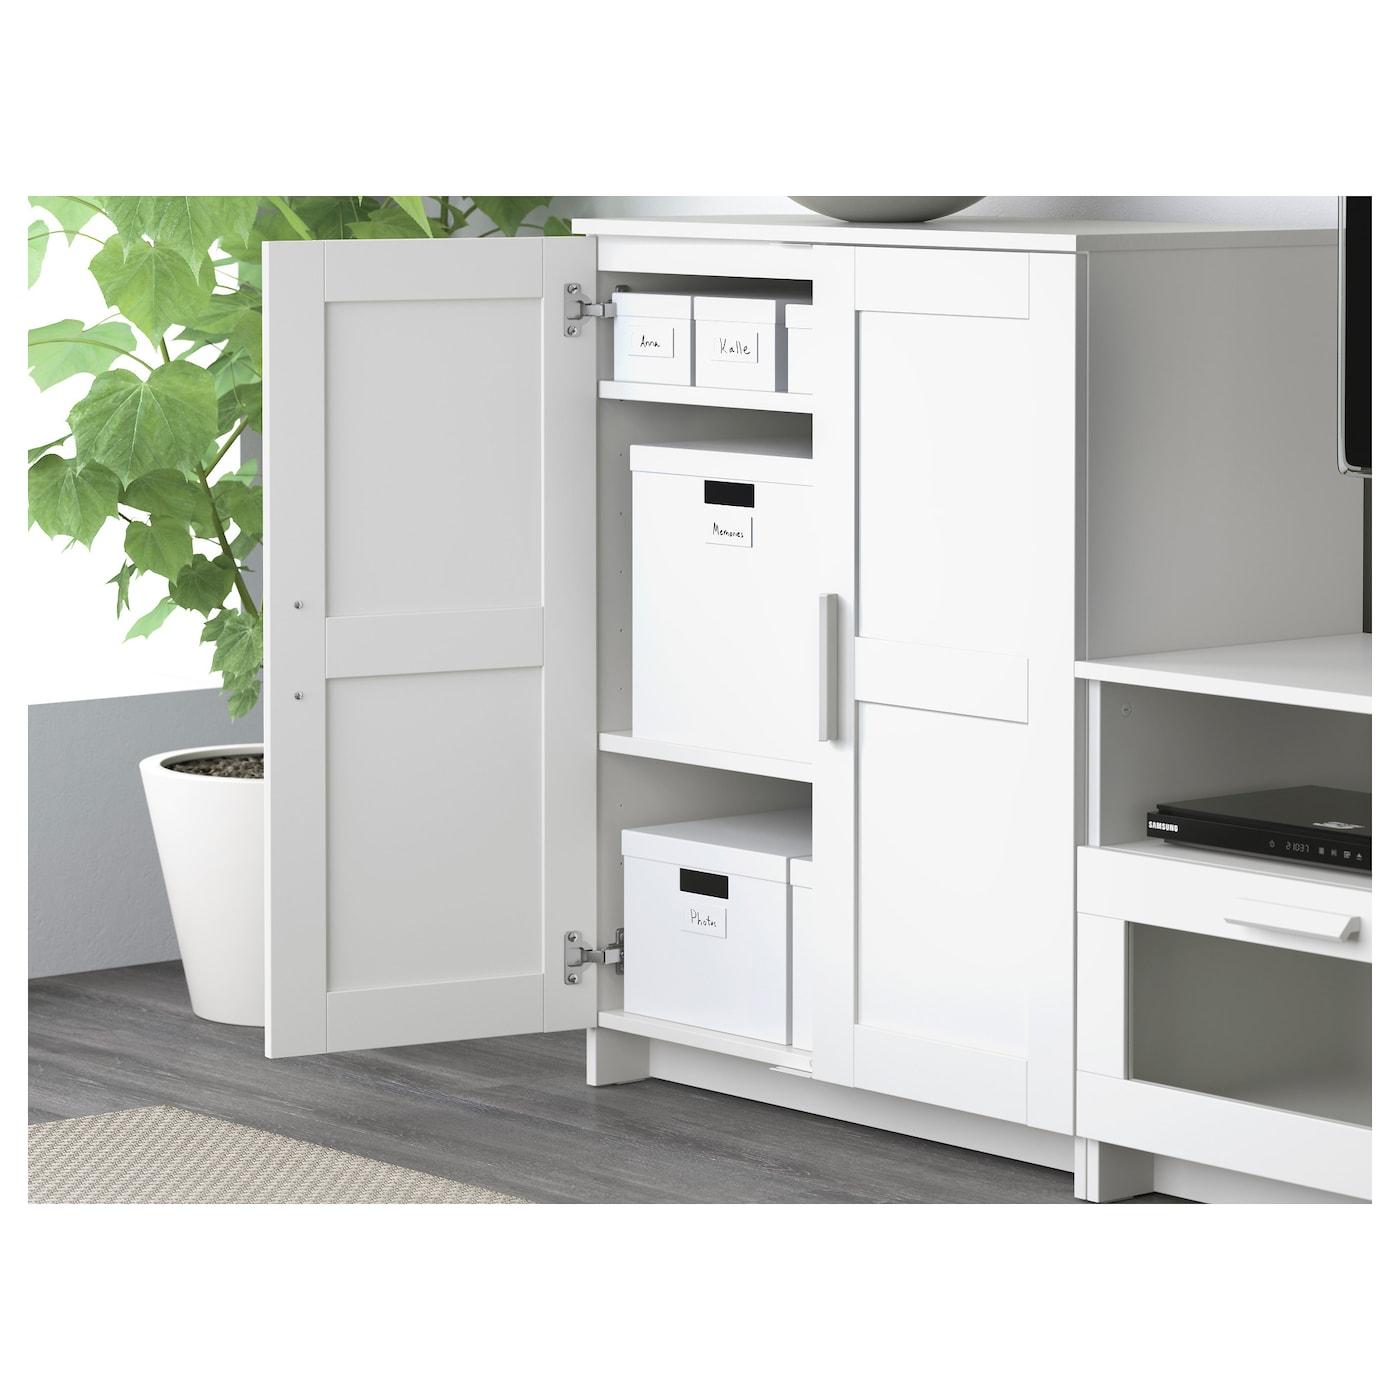 brimnes combinaison meuble tv blanc 336 x 41 x 95 cm ikea. Black Bedroom Furniture Sets. Home Design Ideas